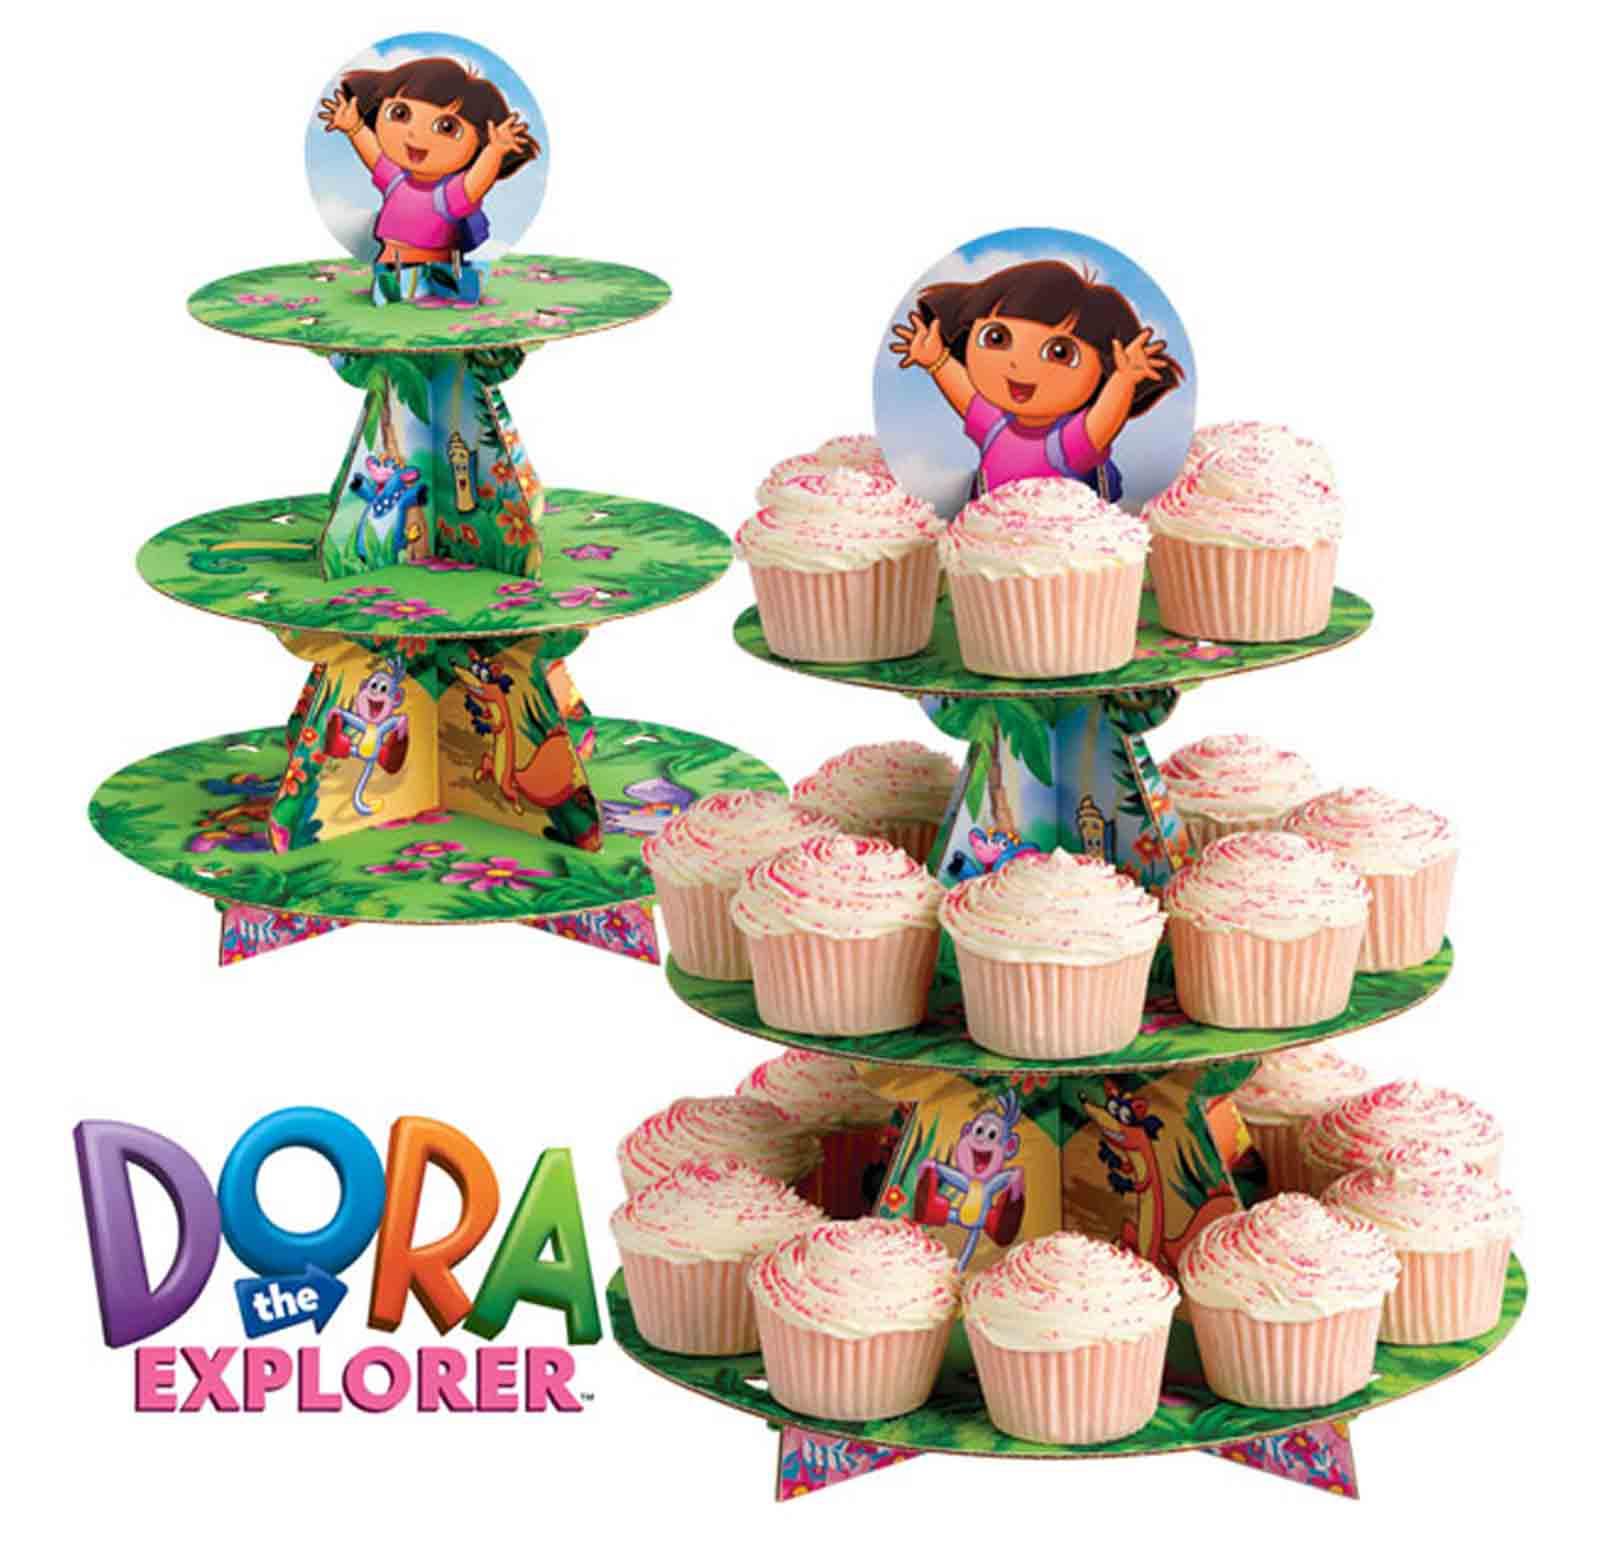 Soporte para Cupcakes Dora